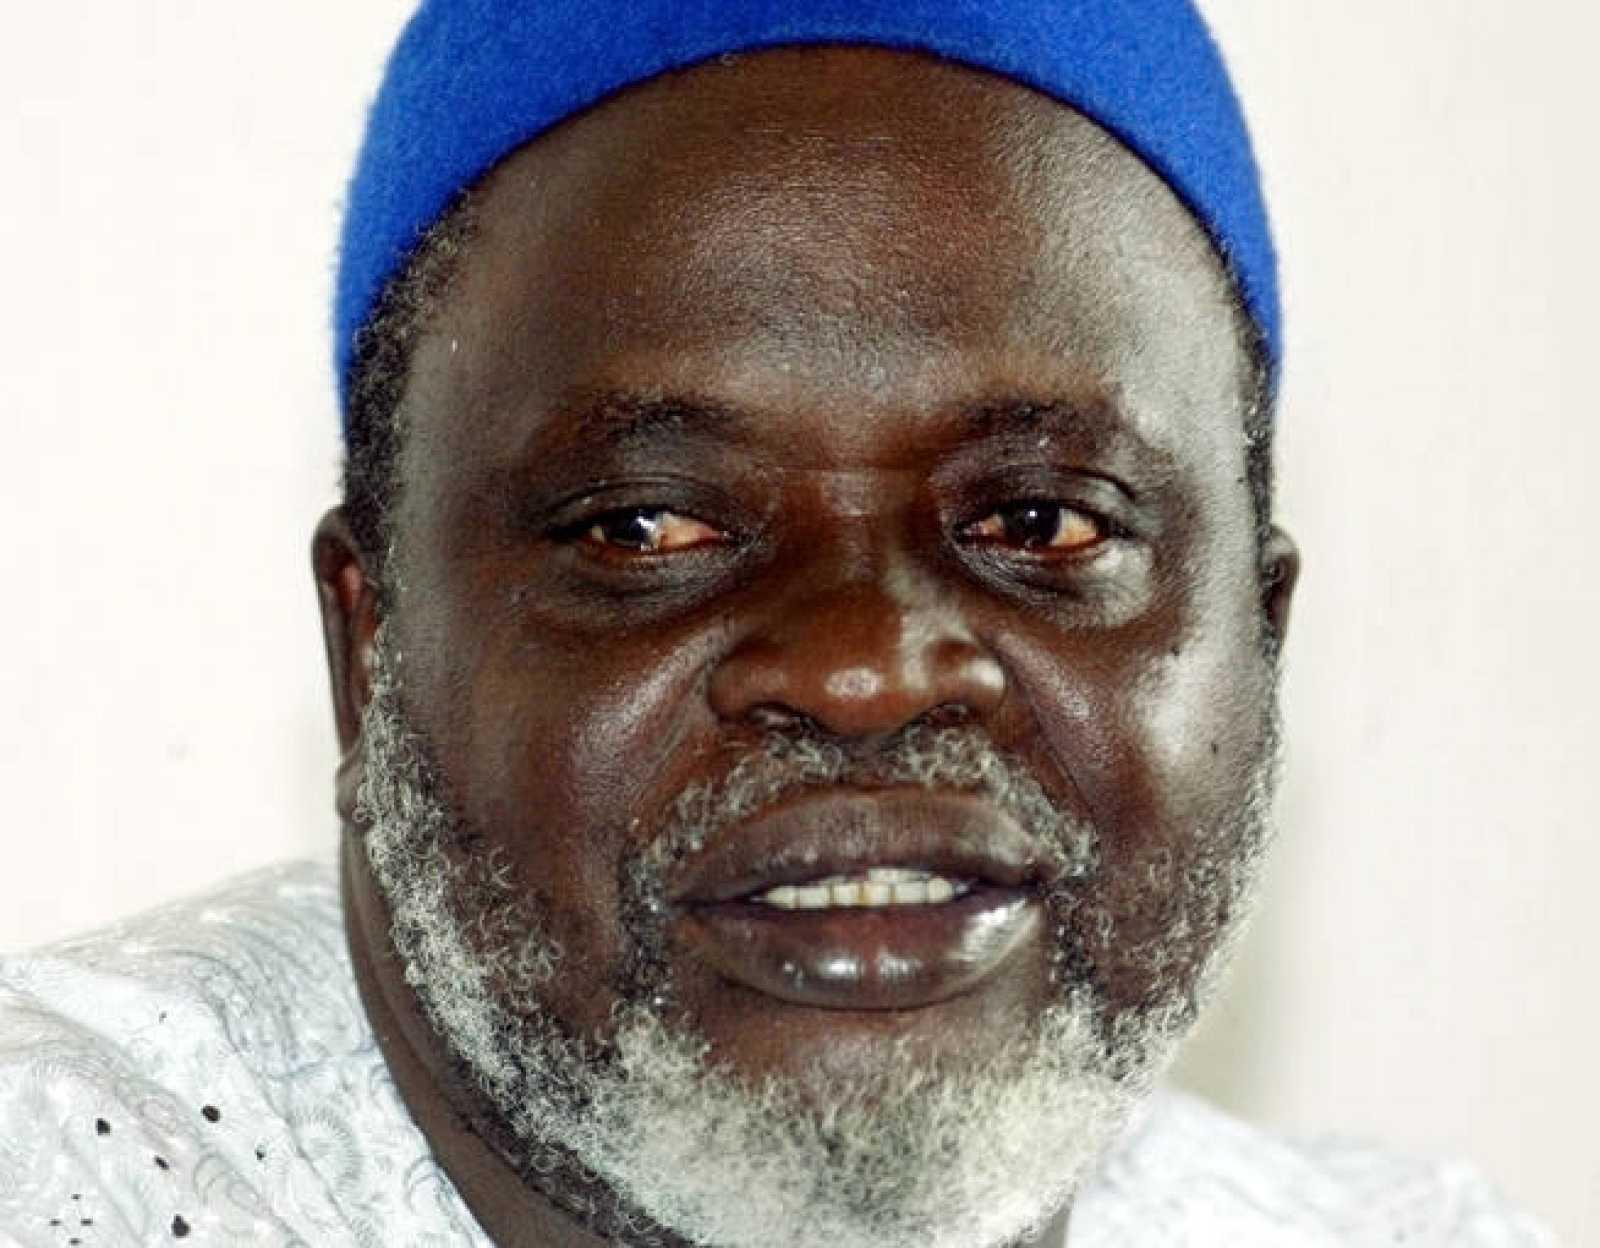 El presidente de Guinea Bissau, Malmam Bacai, fallece a los 64 años.